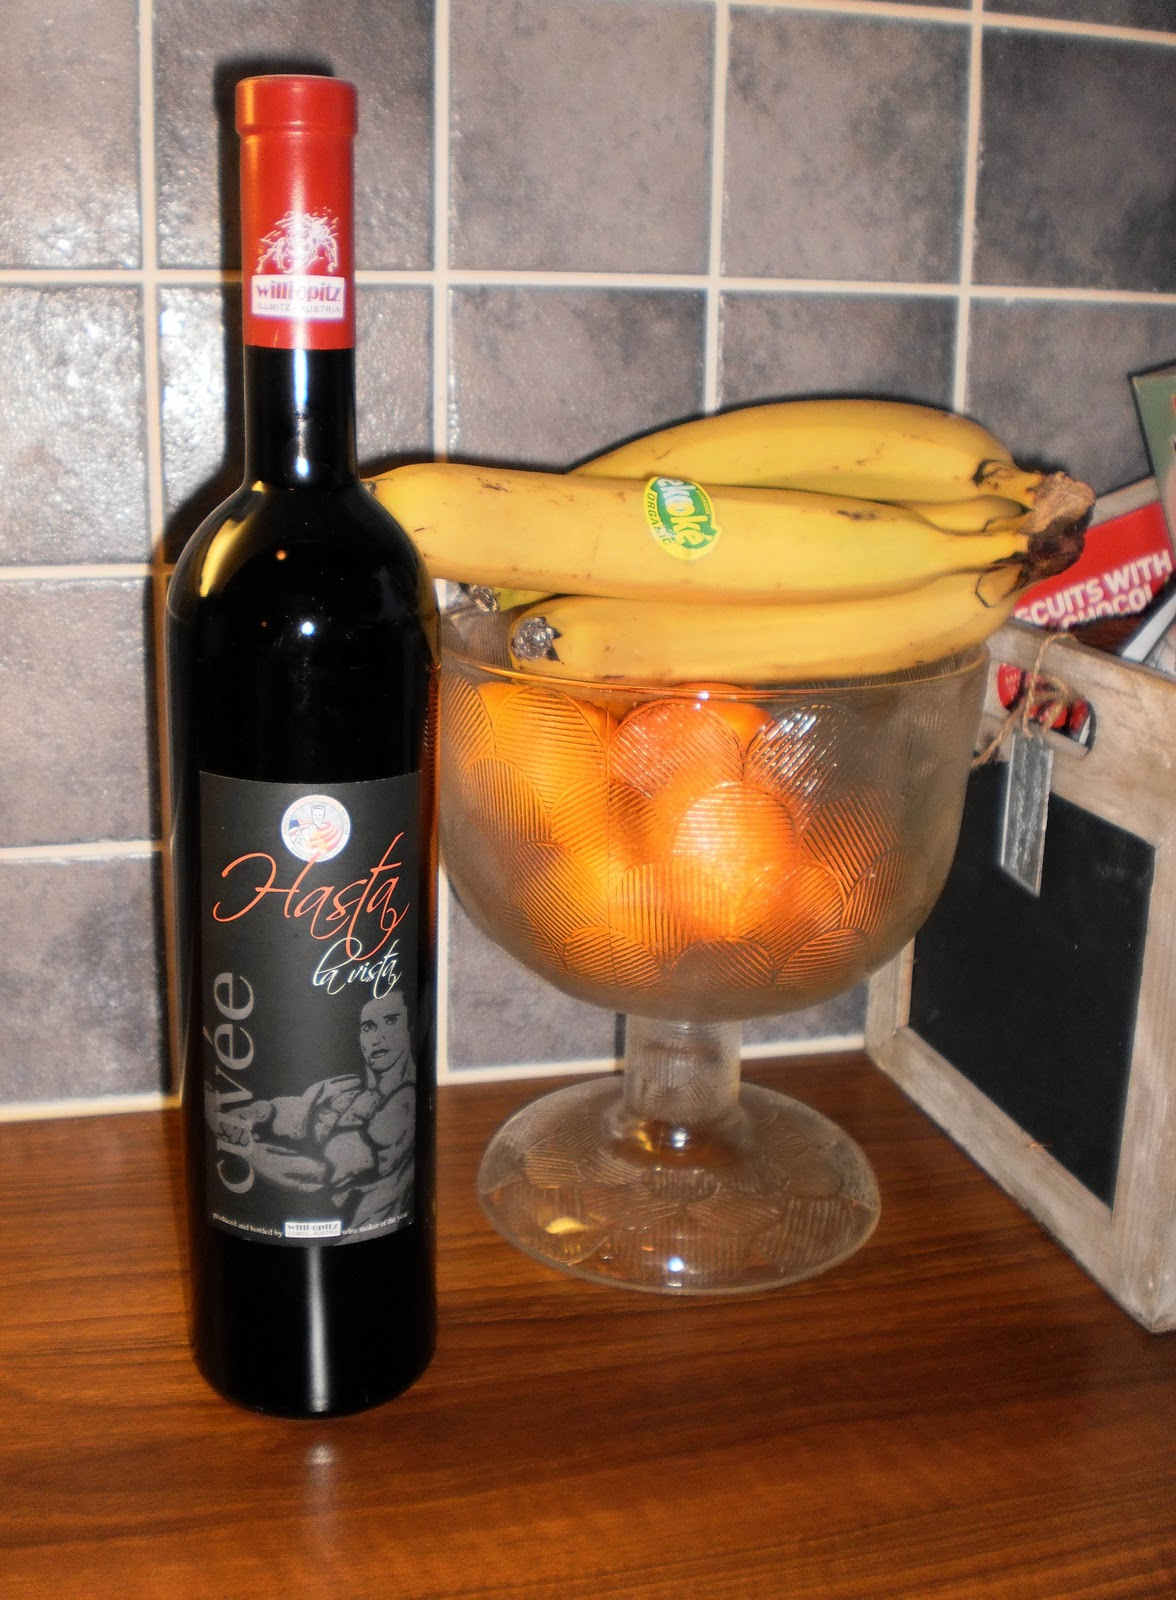 http://2.bp.blogspot.com/-NmJmb8zJZAc/TrLqa7eGvGI/AAAAAAAAeu8/wusMVeSuzLc/s1600/Wein.jpg